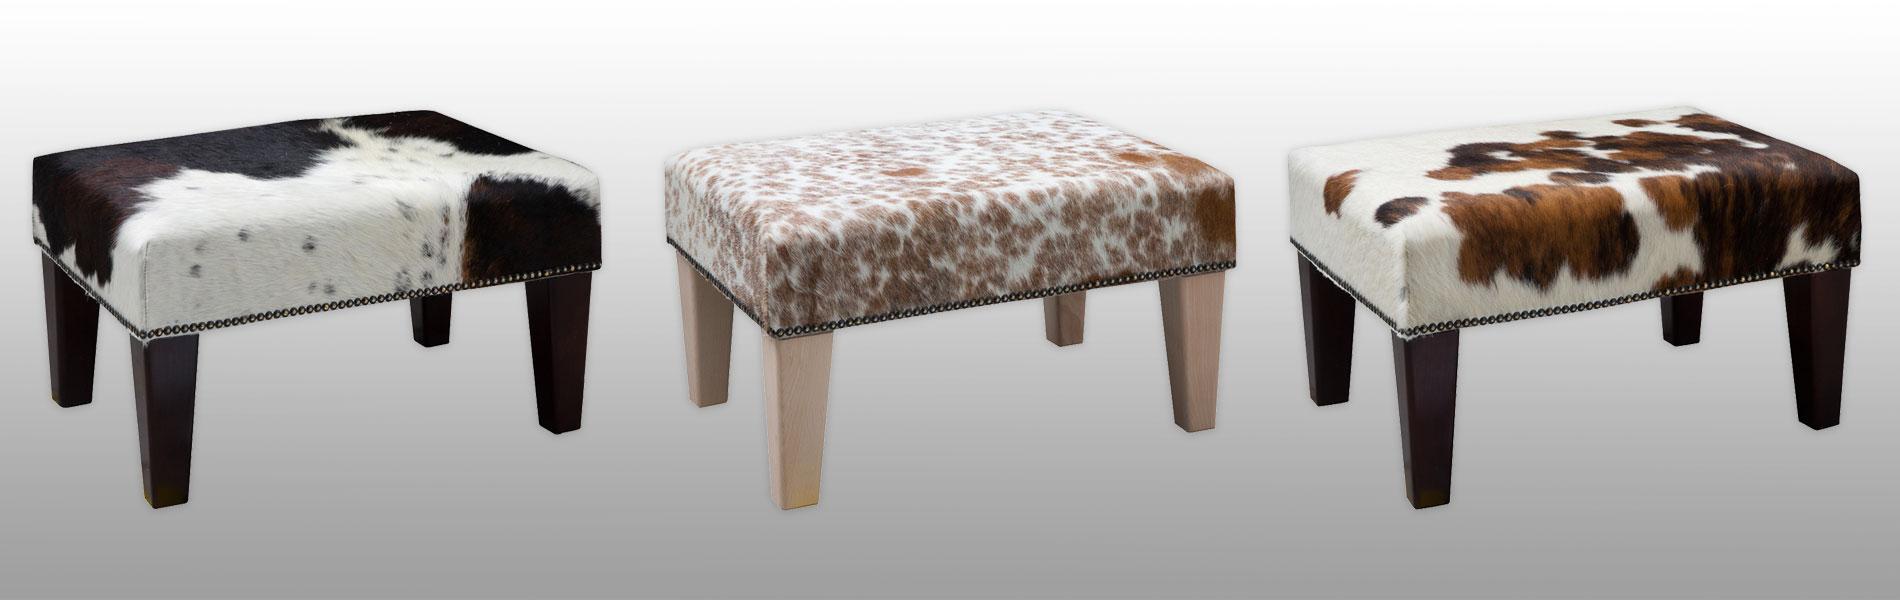 Cowhide footstools